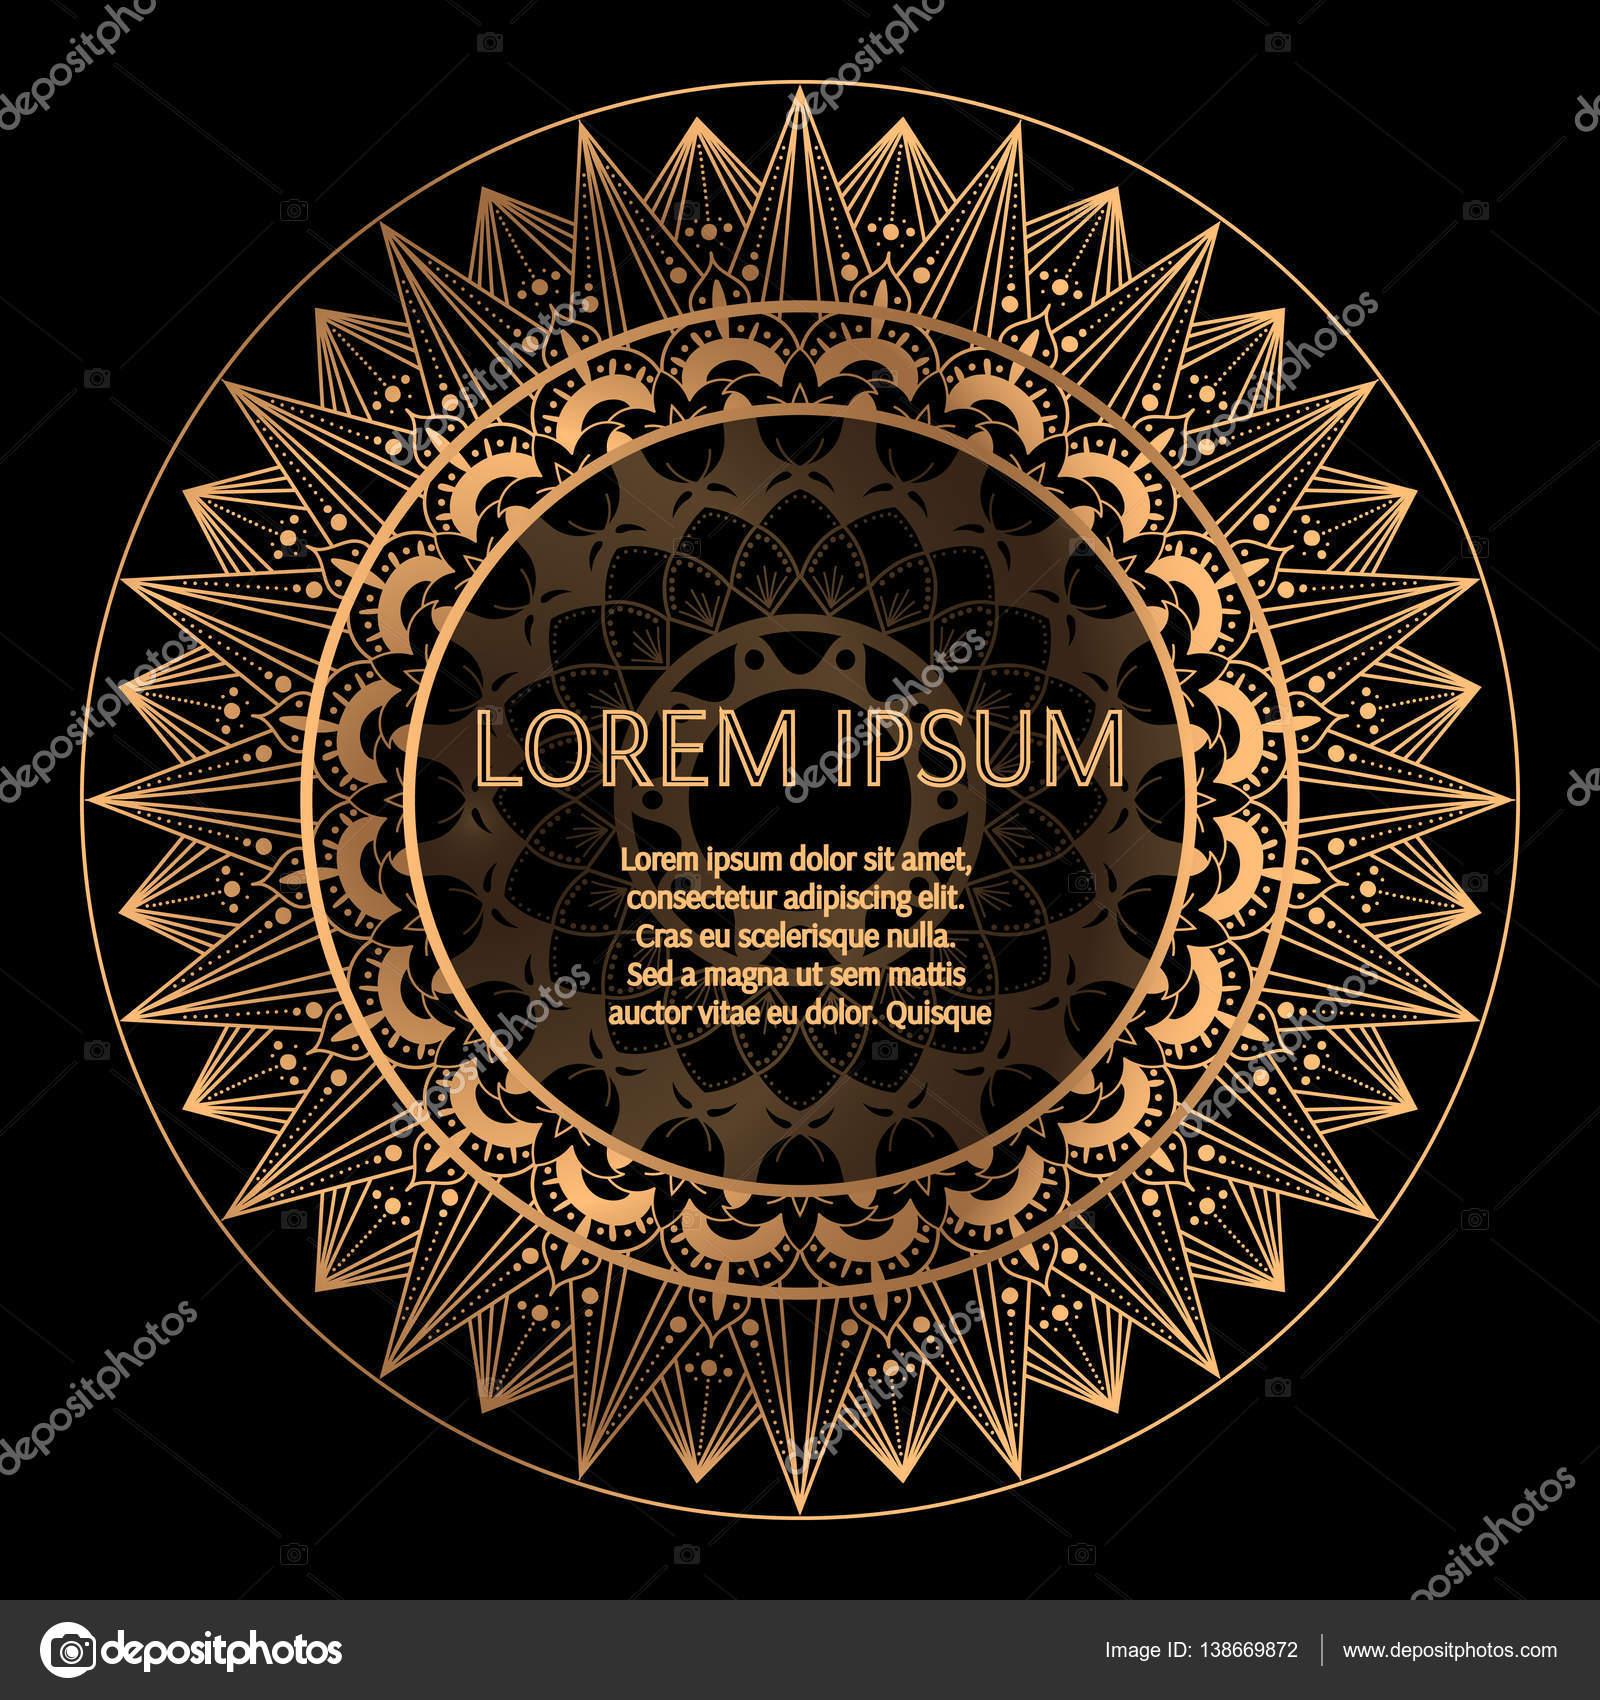 Schwarze Runde Goldrahmen Vektor. Dekorative Ornament Rahmen mit ...